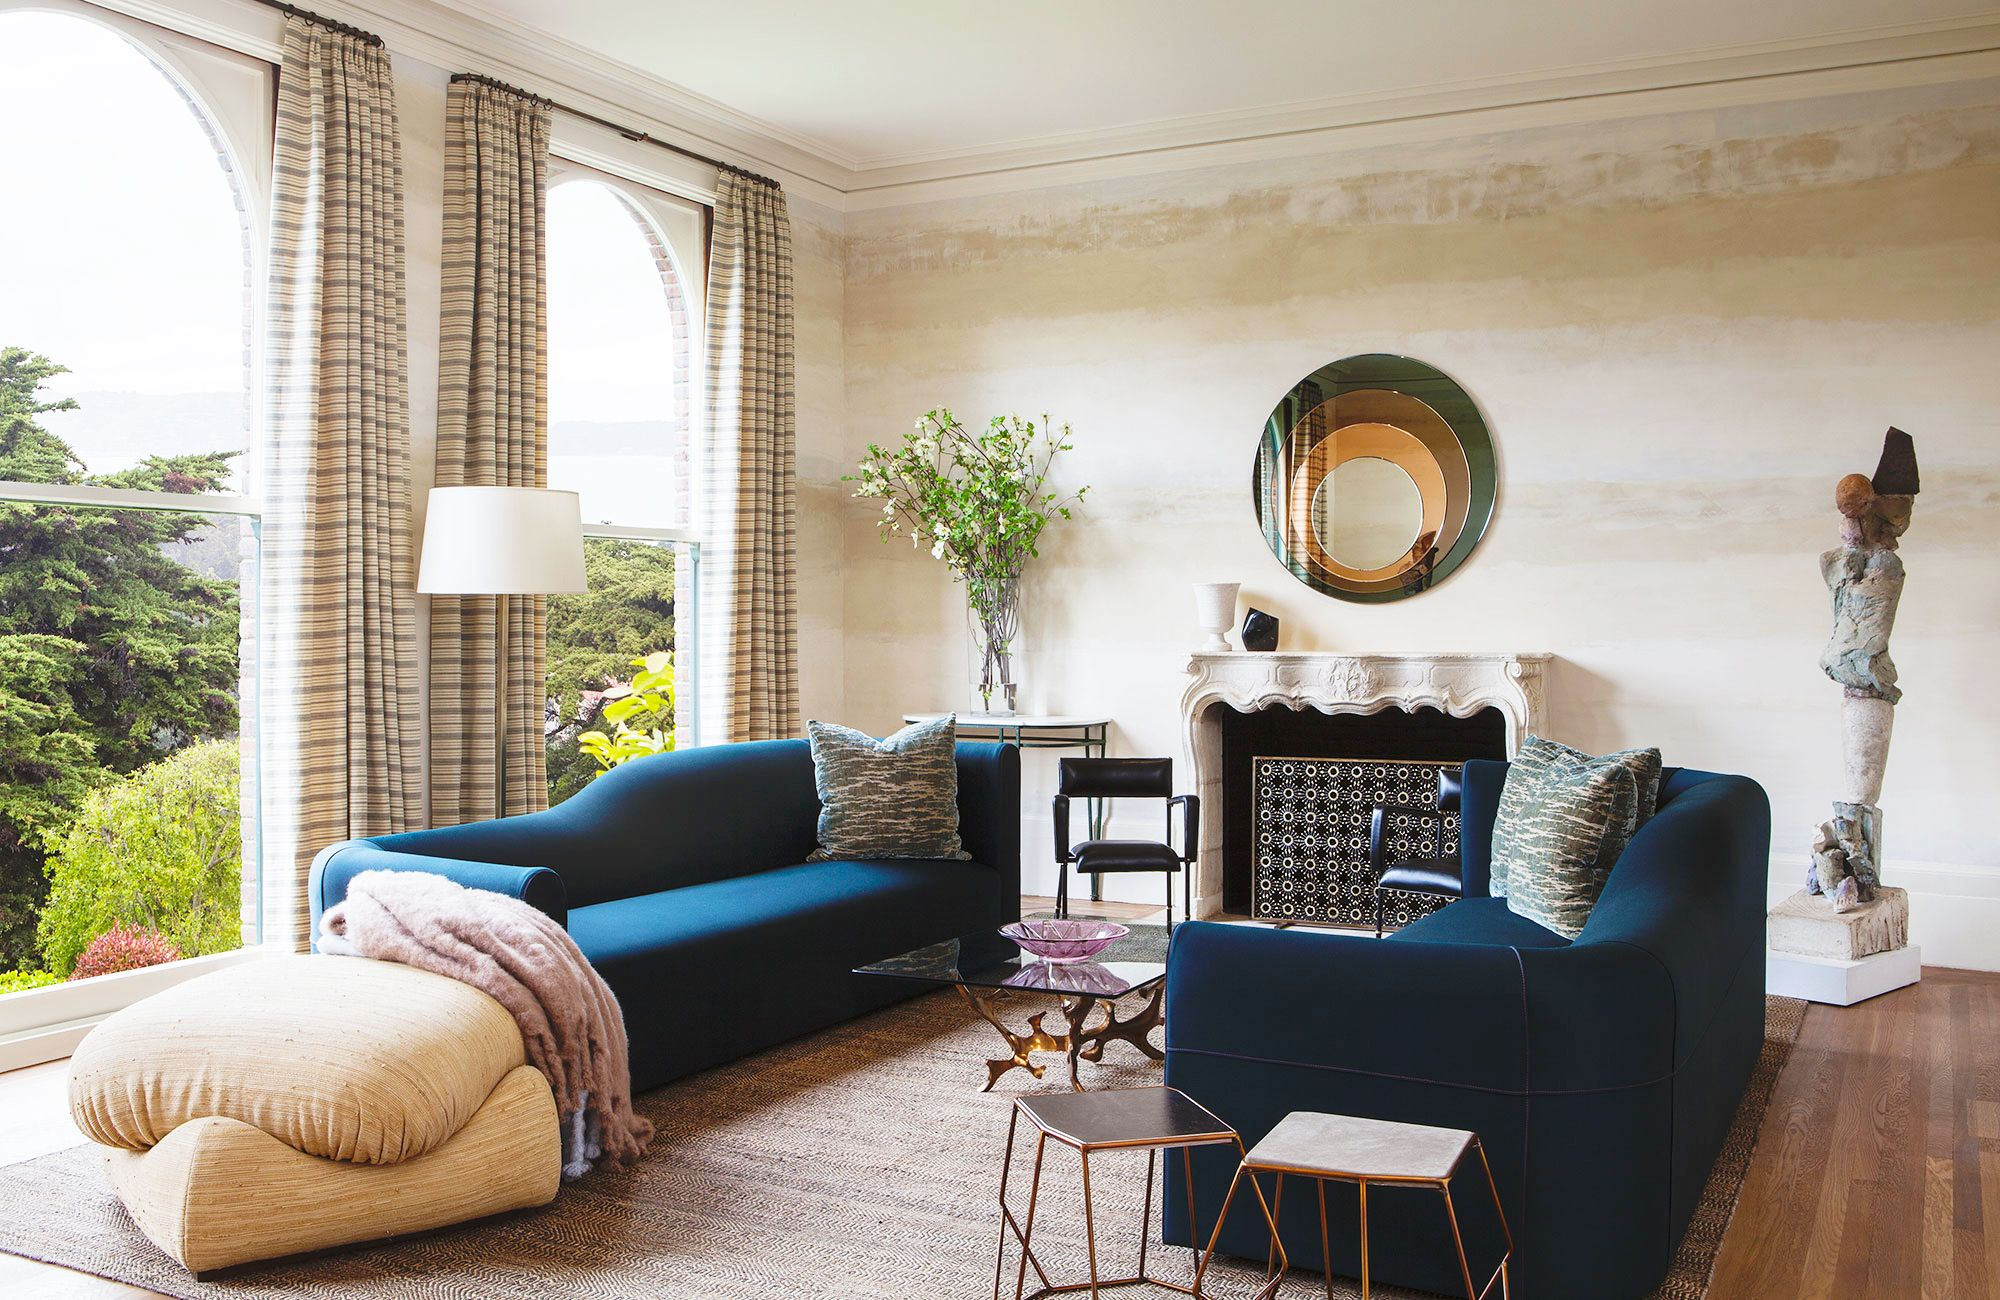 home-decor-ideas-sfshowcaselivingroom-03-1585257771